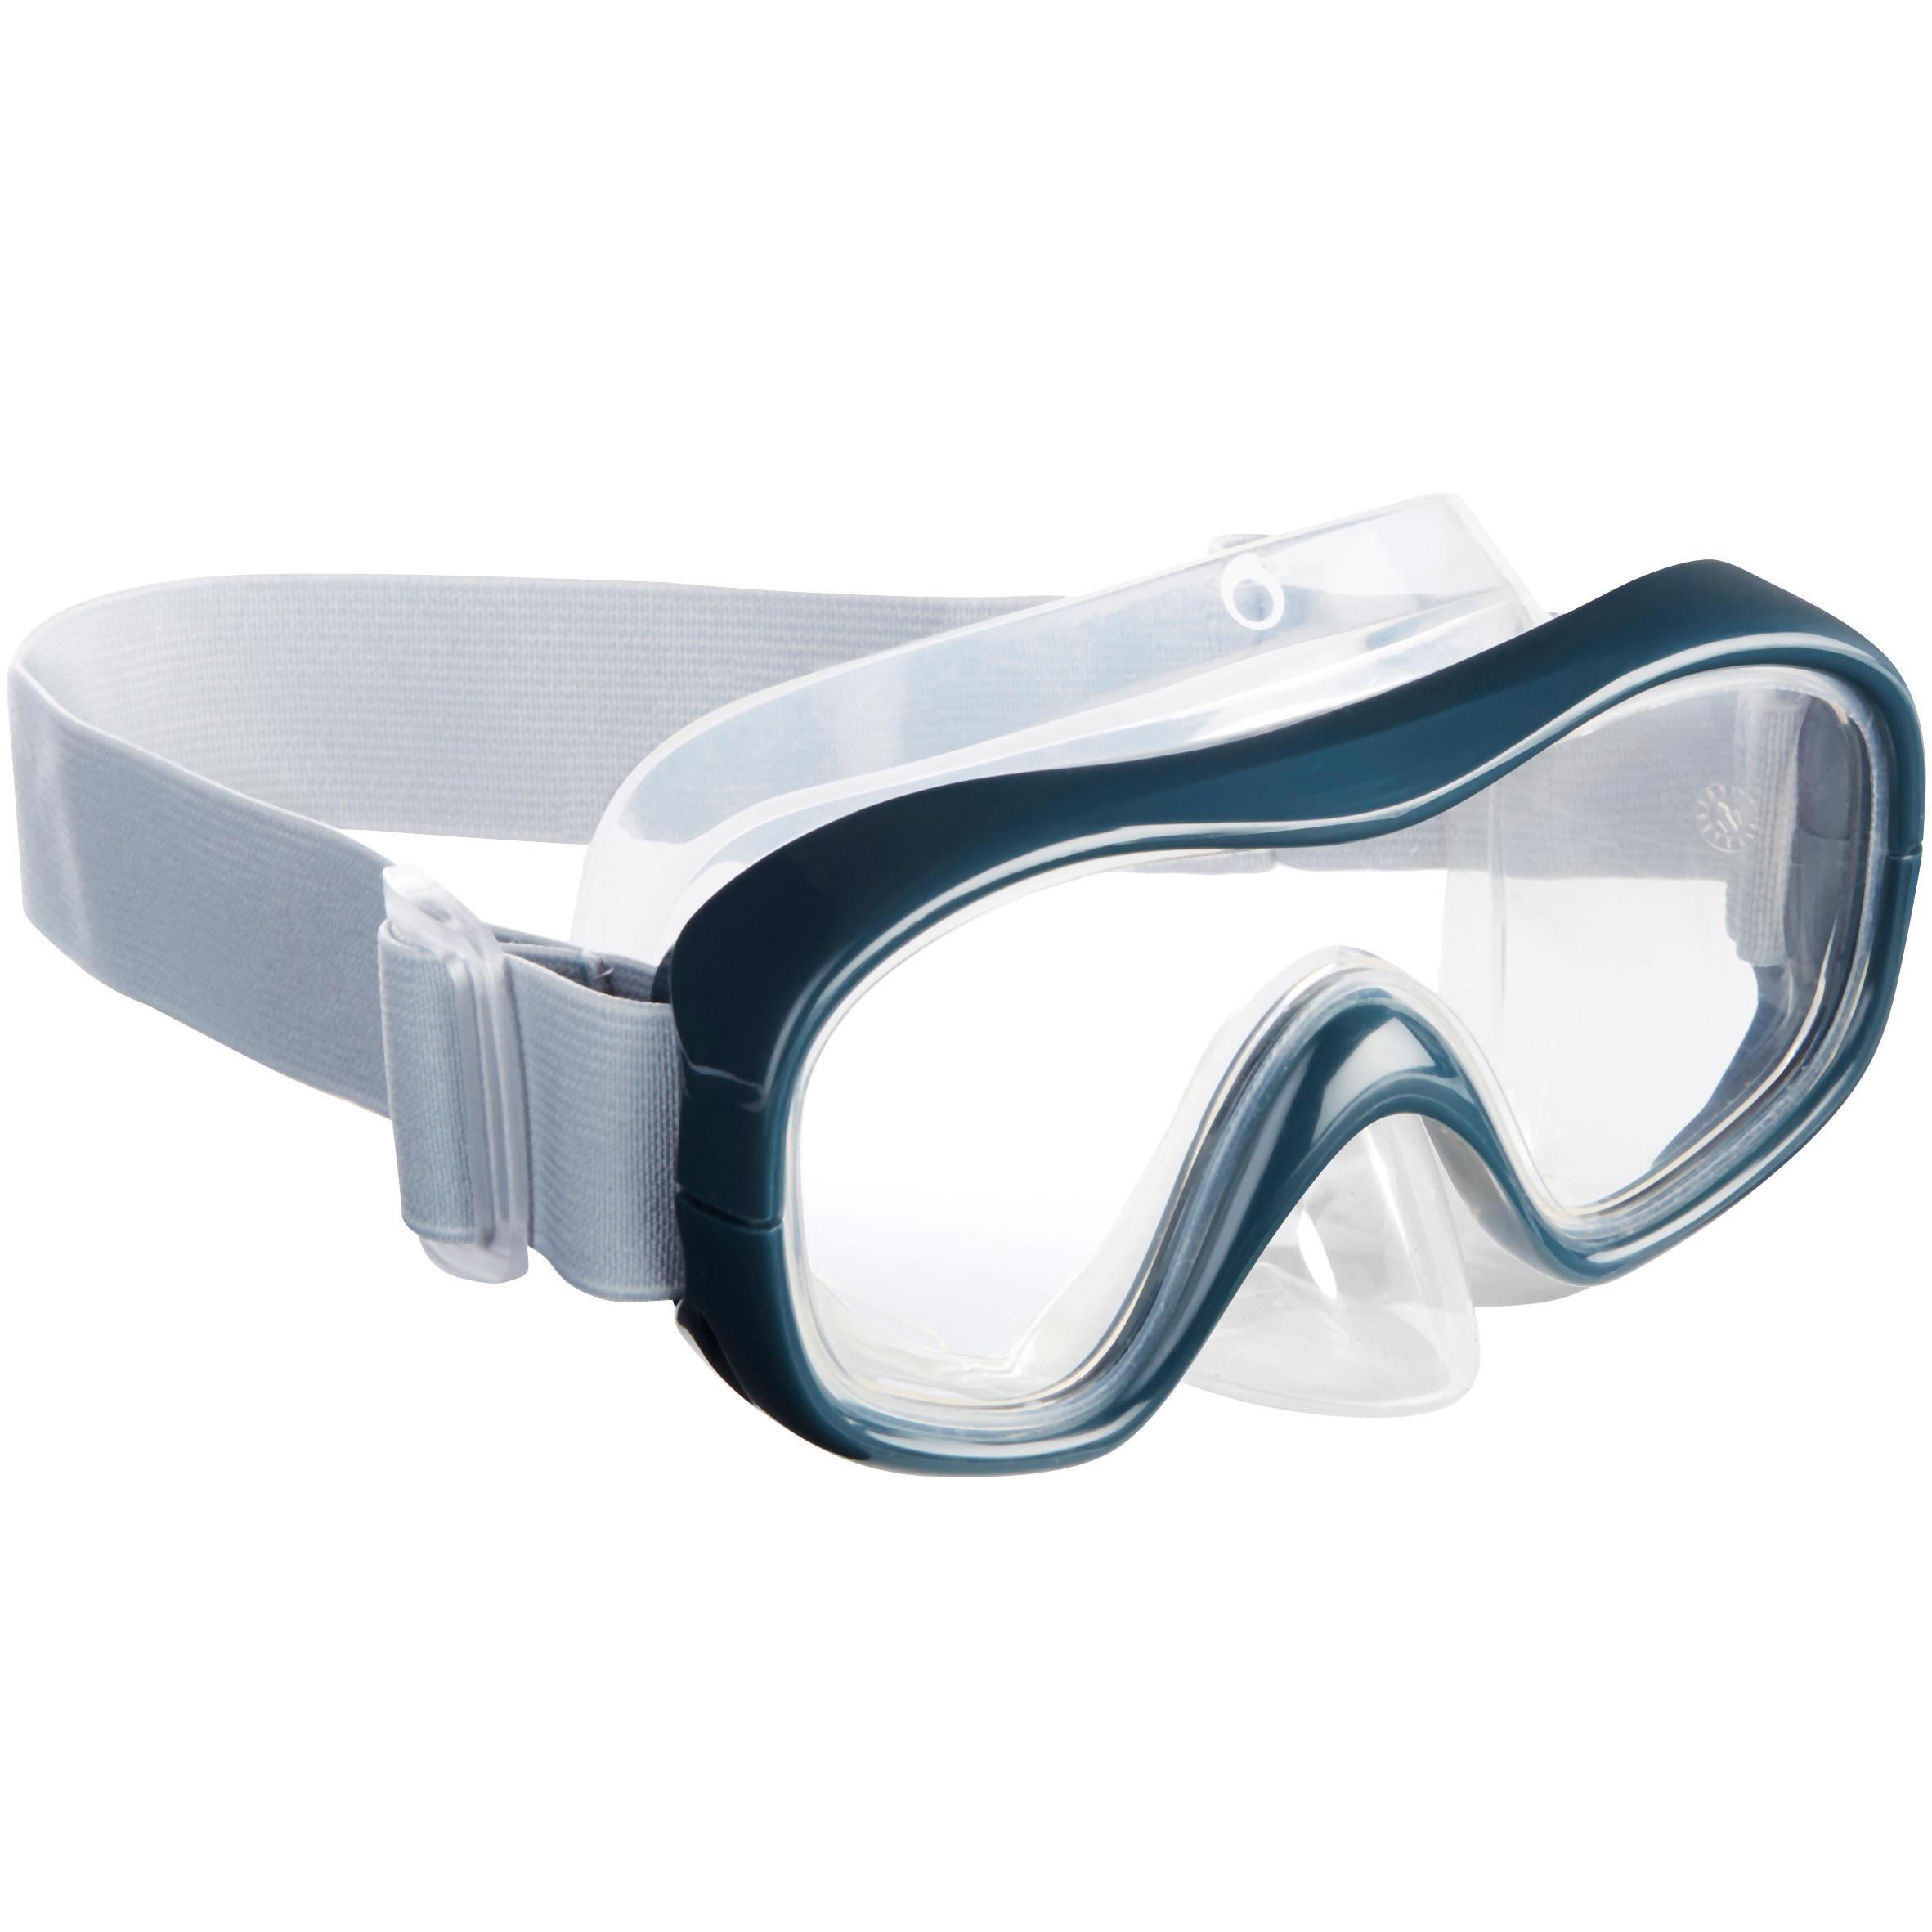 Máscara de snorkel SNK 500 adulto gris